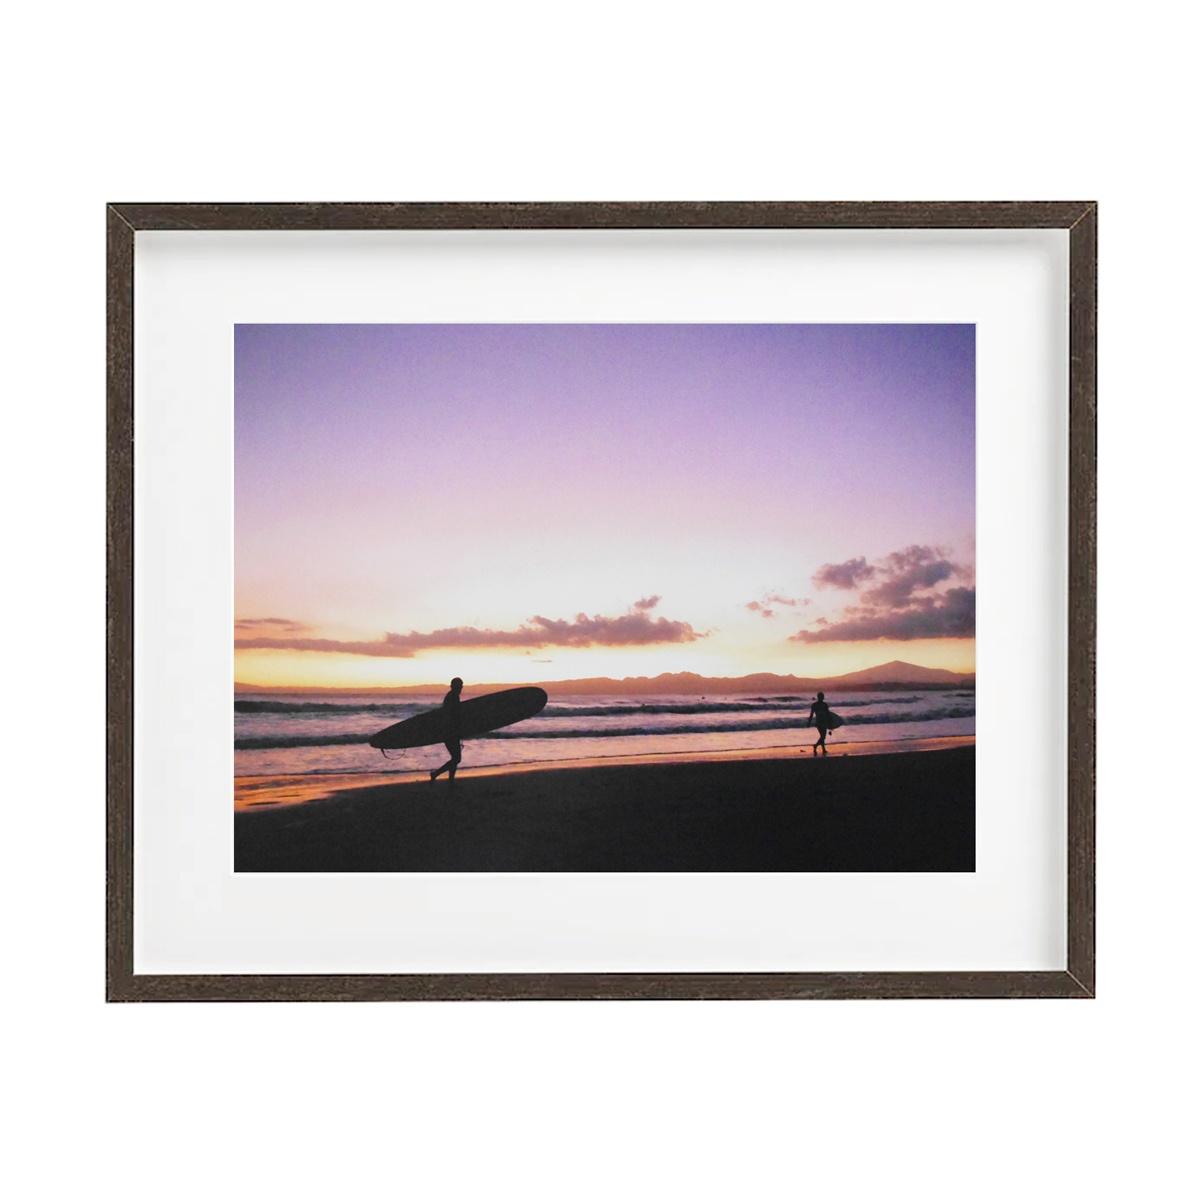 海の写真,西海岸インテリア,ビーチフォト,フォト,Blueism,ブルーイズム